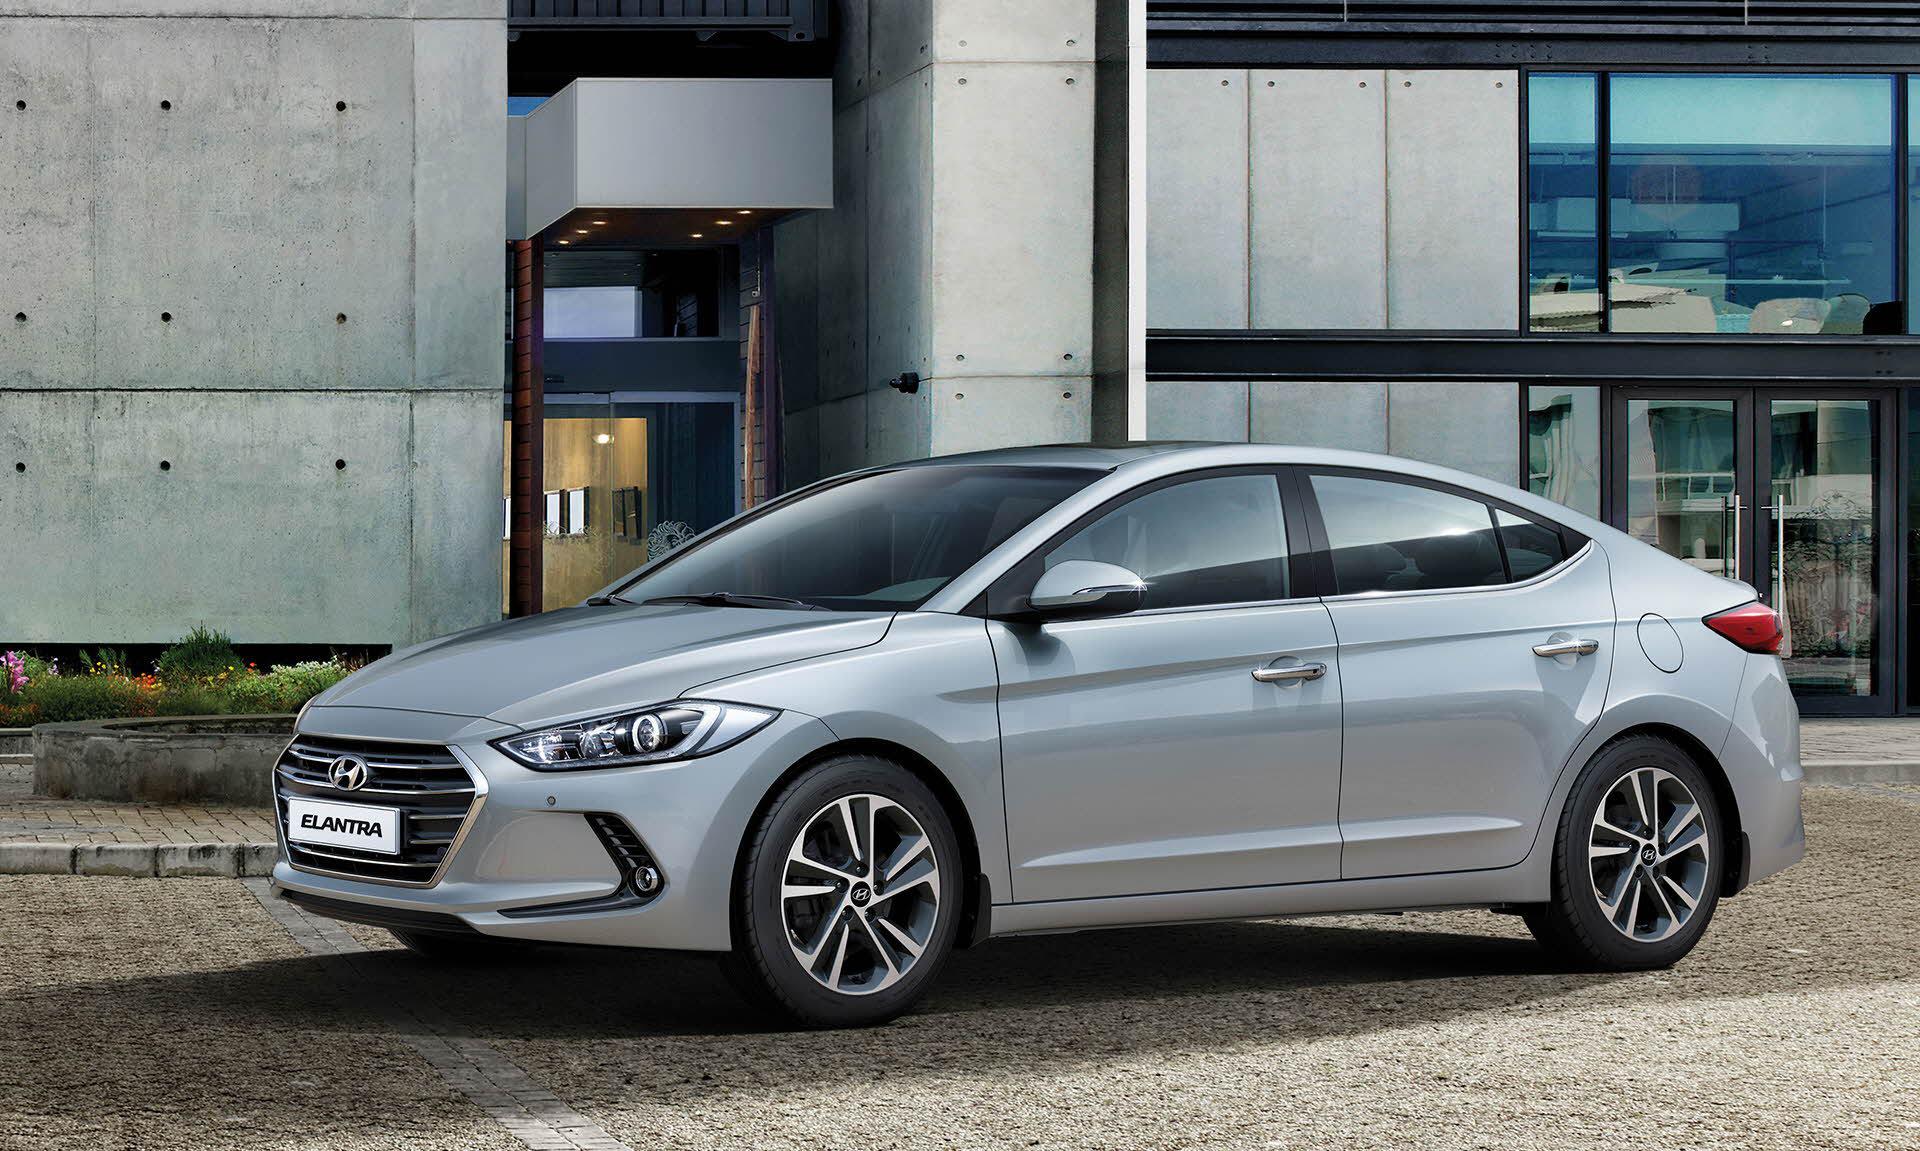 xe Hyundai Elantra 2.0 2016